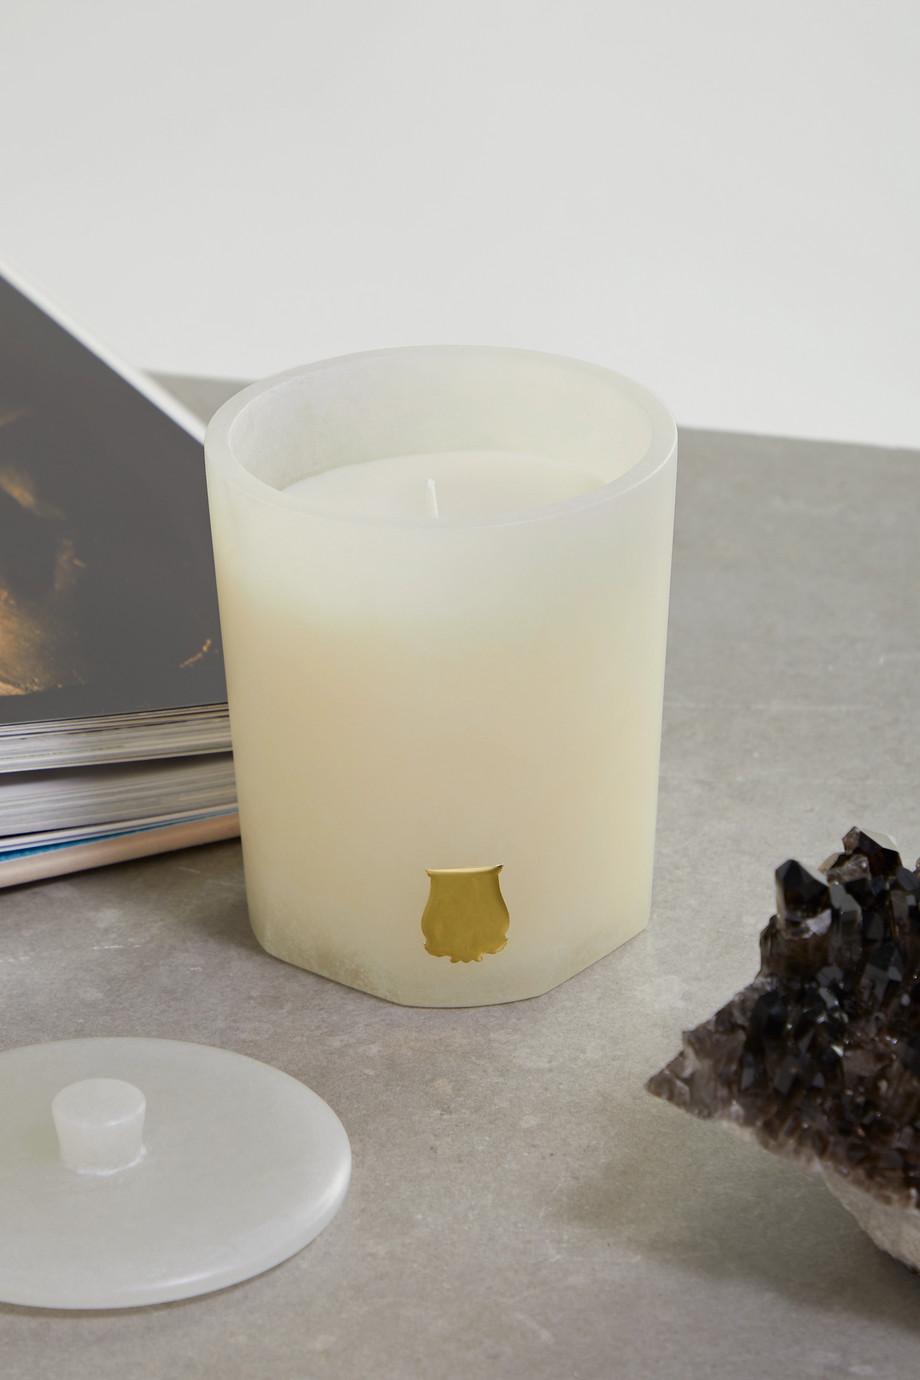 Cire Trudon Bougie parfumée Abd el Kader, 270 g